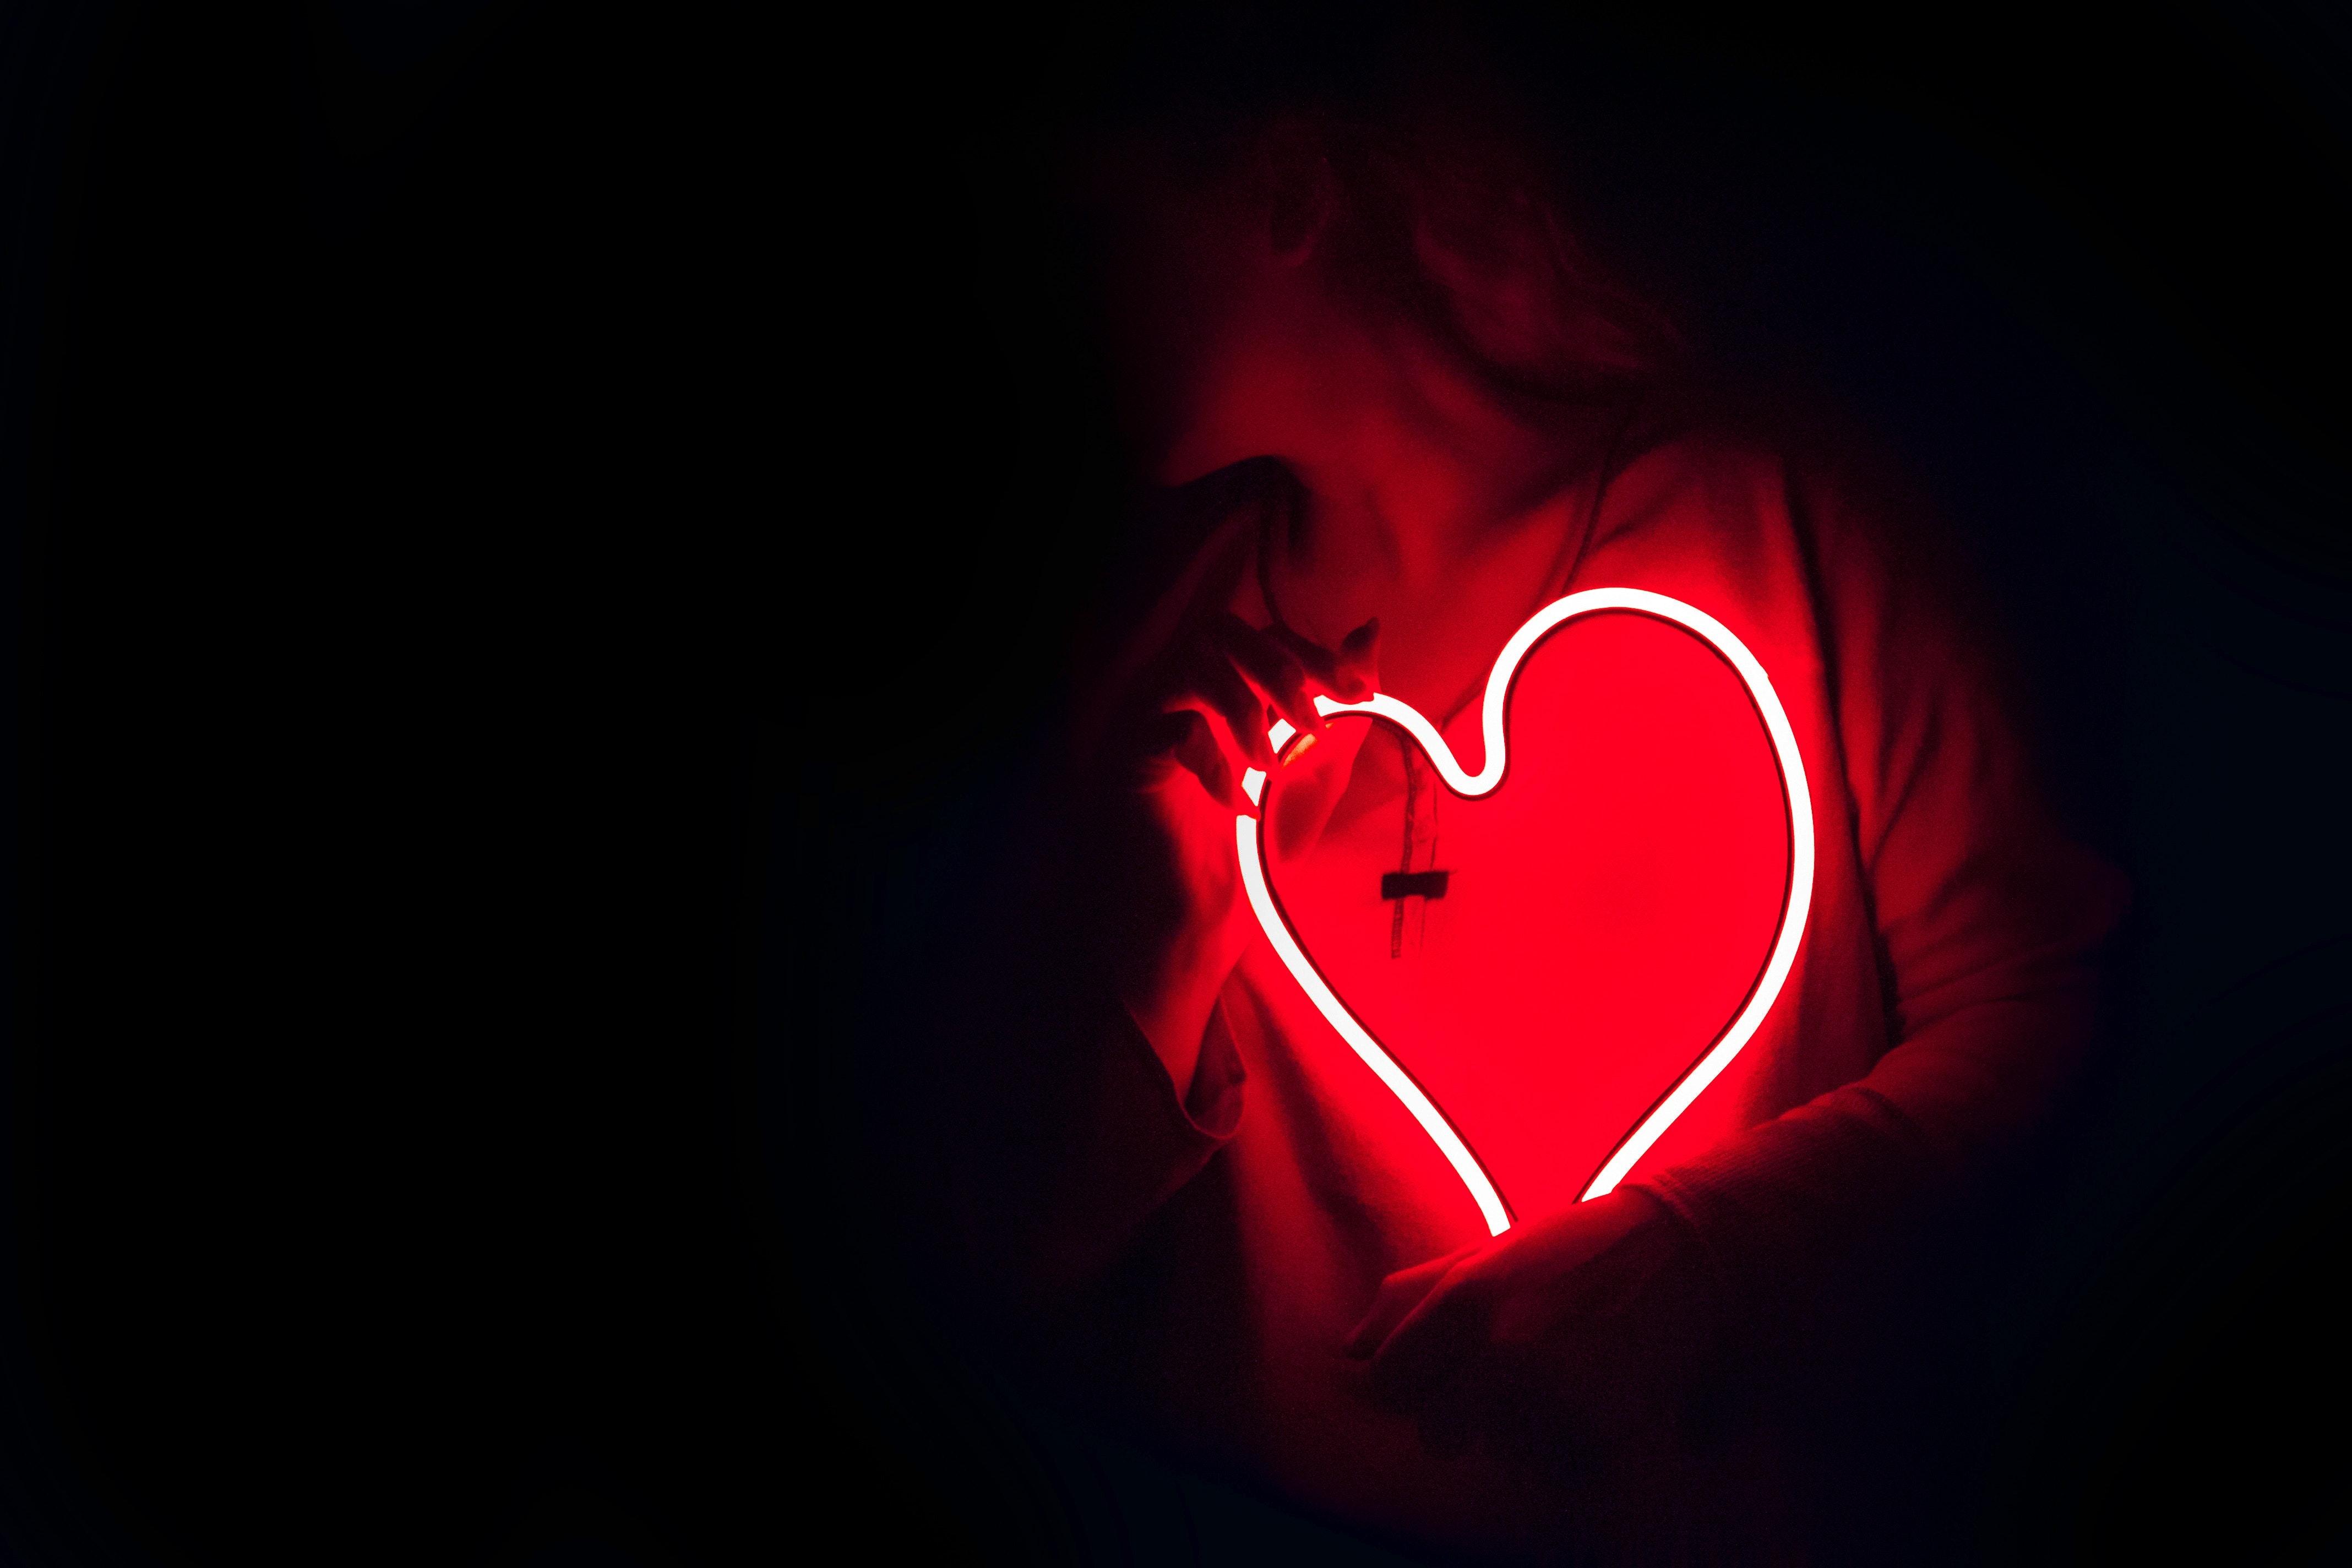 El corazón de la mujer, más vulnerable al infarto0 (0)